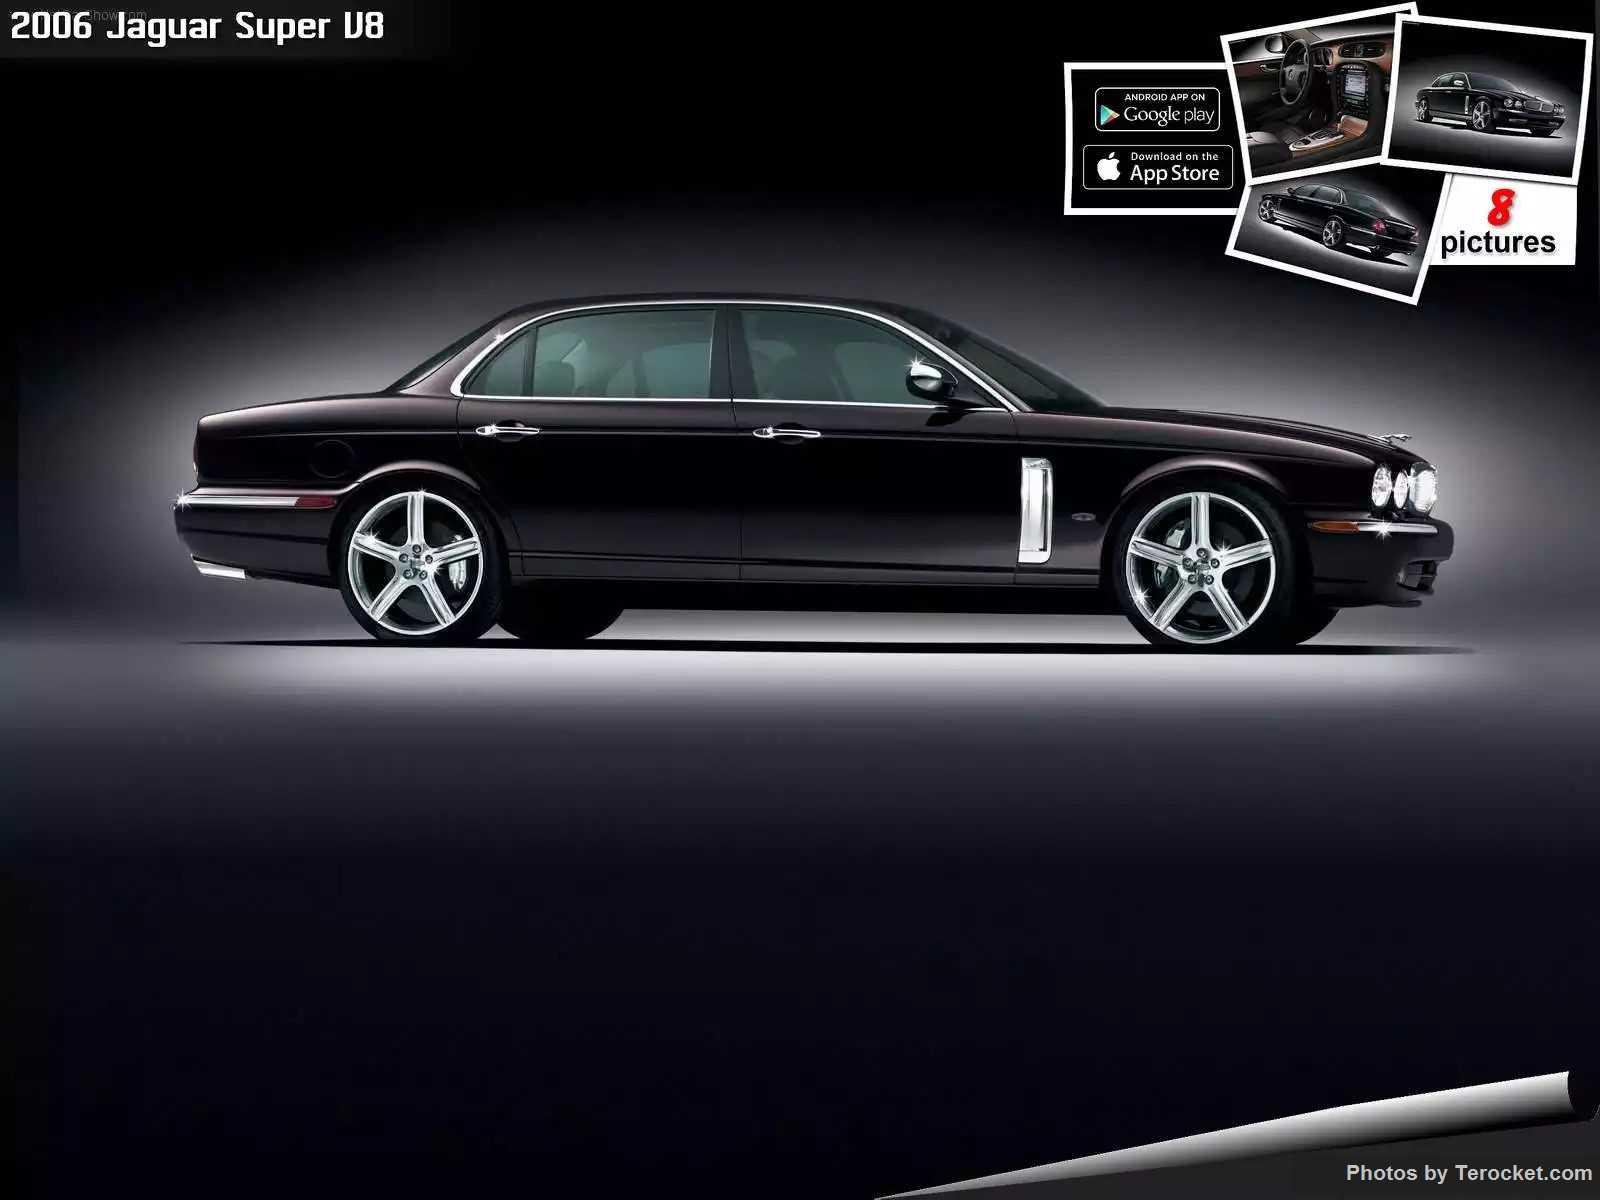 Hình ảnh xe ô tô Jaguar Super V8 2006 & nội ngoại thất